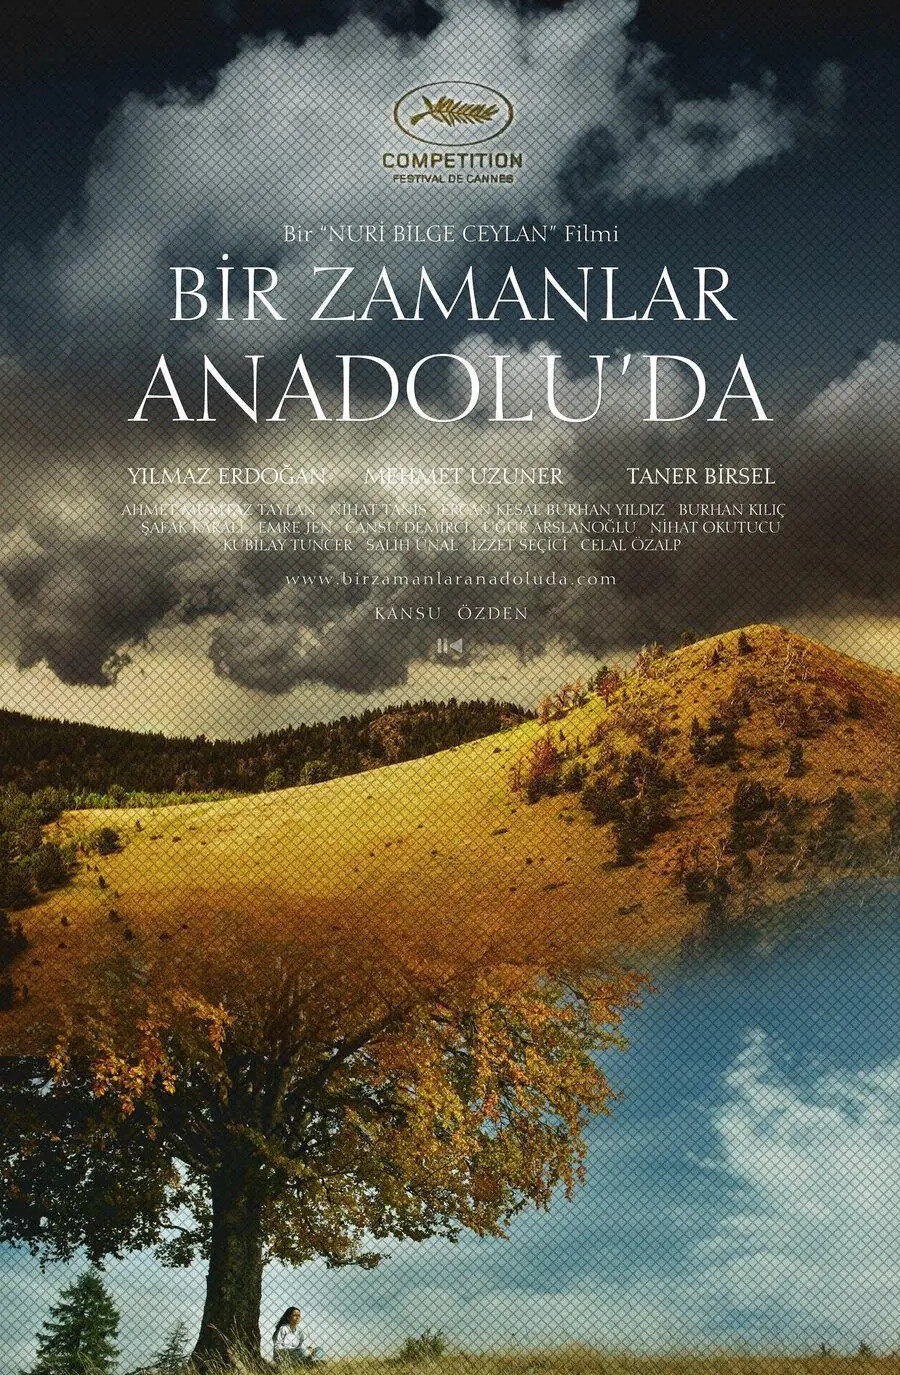 Ceylan'ın isminin ve özellikle de Bir Zamanlar Anadolu'da filminin altını kalın harflerle çizmek gerek